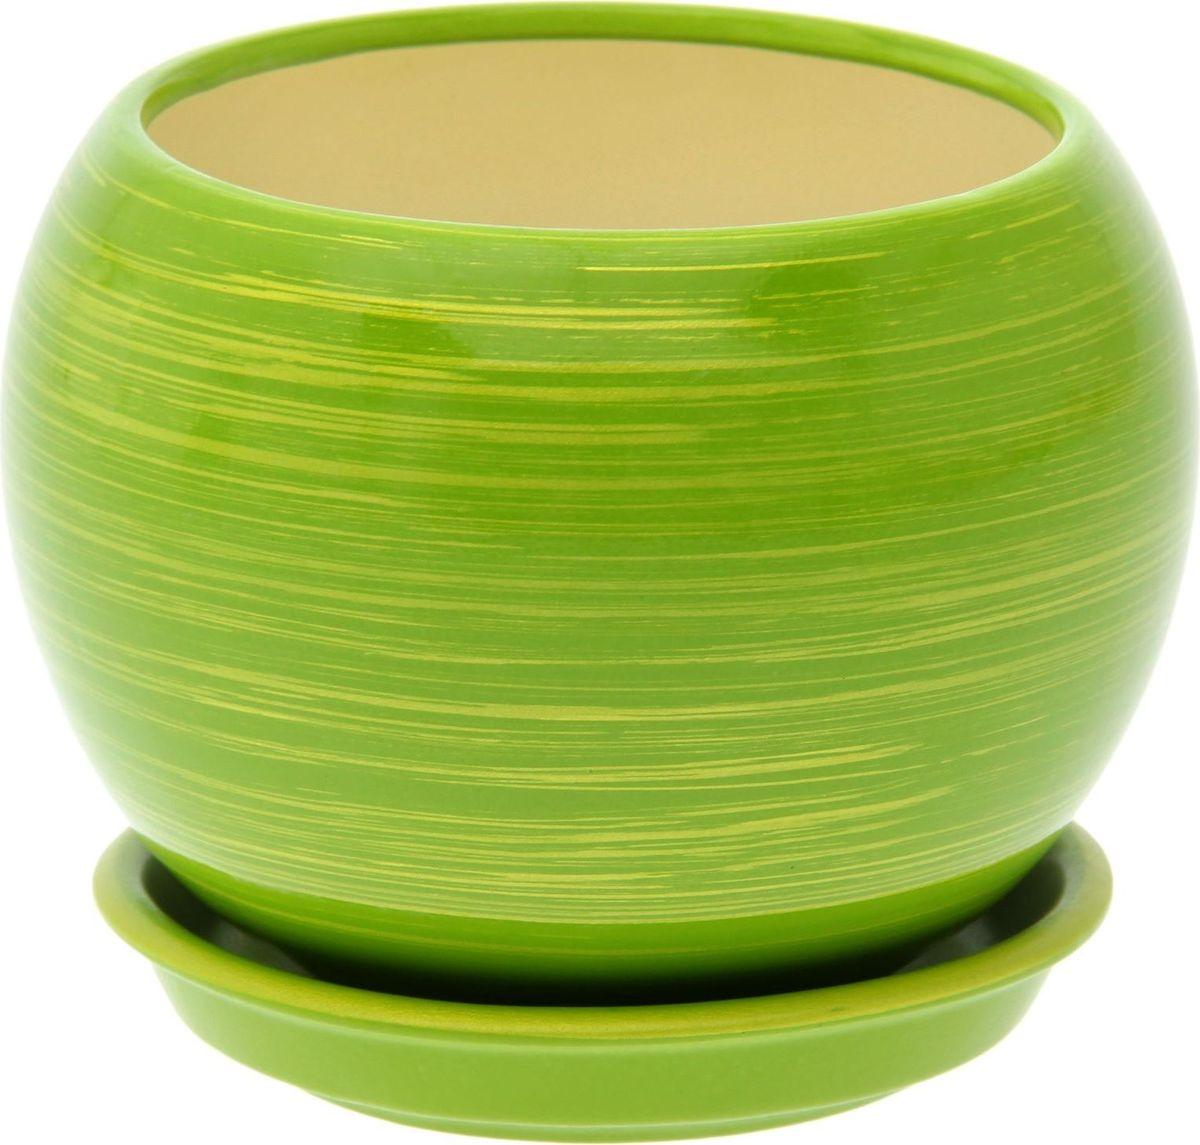 Кашпо Керамика ручной работы Шар, цвет: салатовый, золотой, 4,1 л1489748Комнатные растения — всеобщие любимцы. Они радуют глаз, насыщают помещение кислородом и украшают пространство. Каждому из них необходим свой удобный и красивый дом. Кашпо из керамики прекрасно подходят для высадки растений: за счёт пластичности глины и разных способов обработки существует великое множество форм и дизайновпористый материал позволяет испаряться лишней влагевоздух, необходимый для дыхания корней, проникает сквозь керамические стенки! #name# позаботится о зелёном питомце, освежит интерьер и подчеркнёт его стиль.